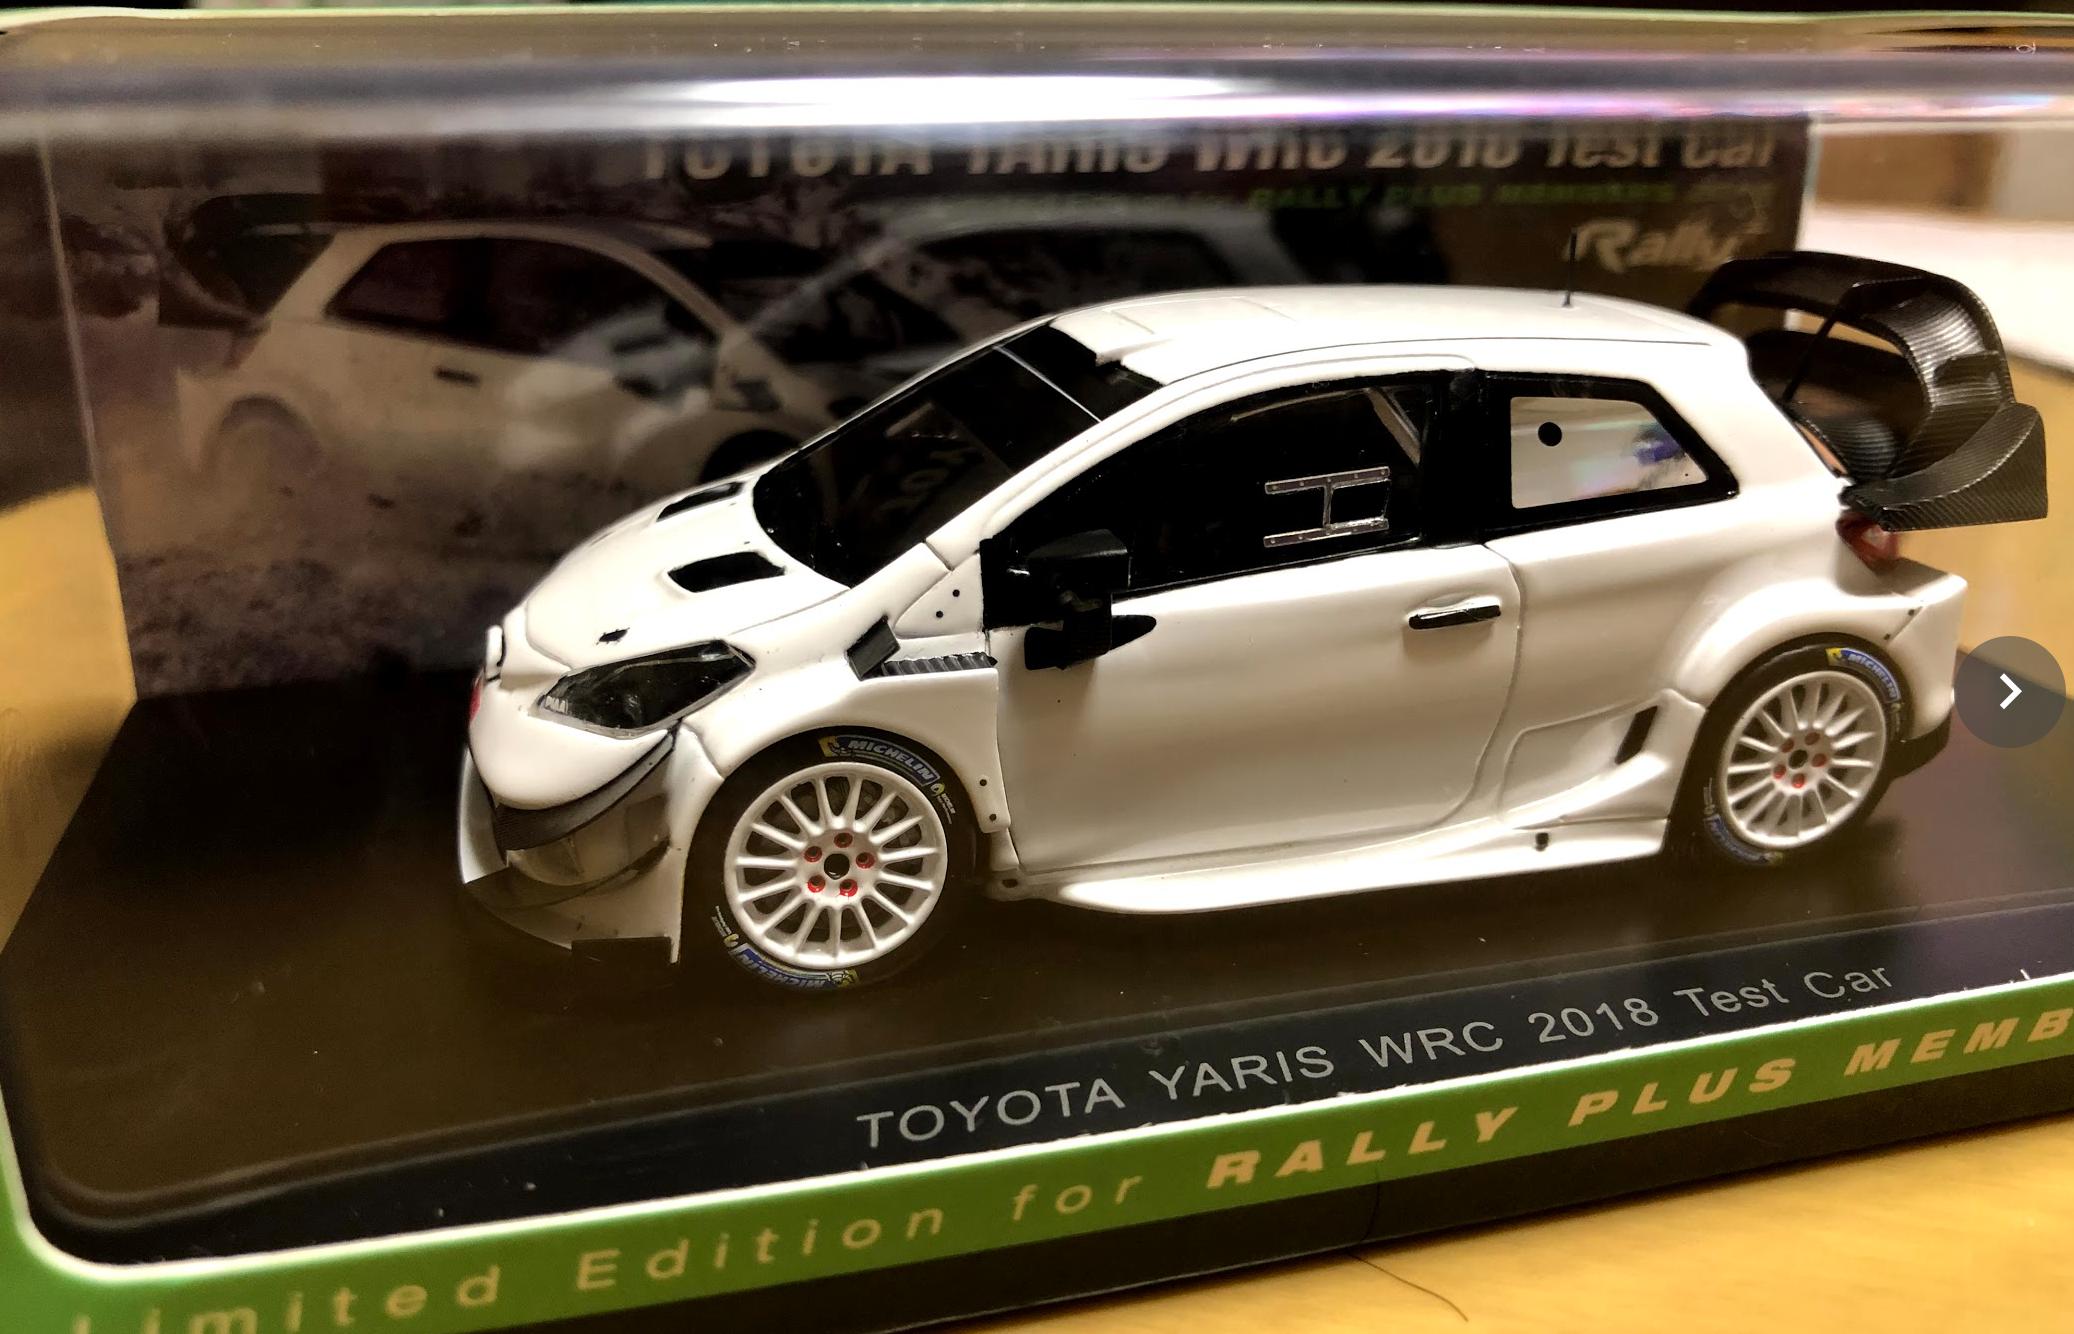 ラリープラスネットからラリプラメンバーズに『1/43 TOYOTA YARIS WRC2018 TEST CAR』が来た!